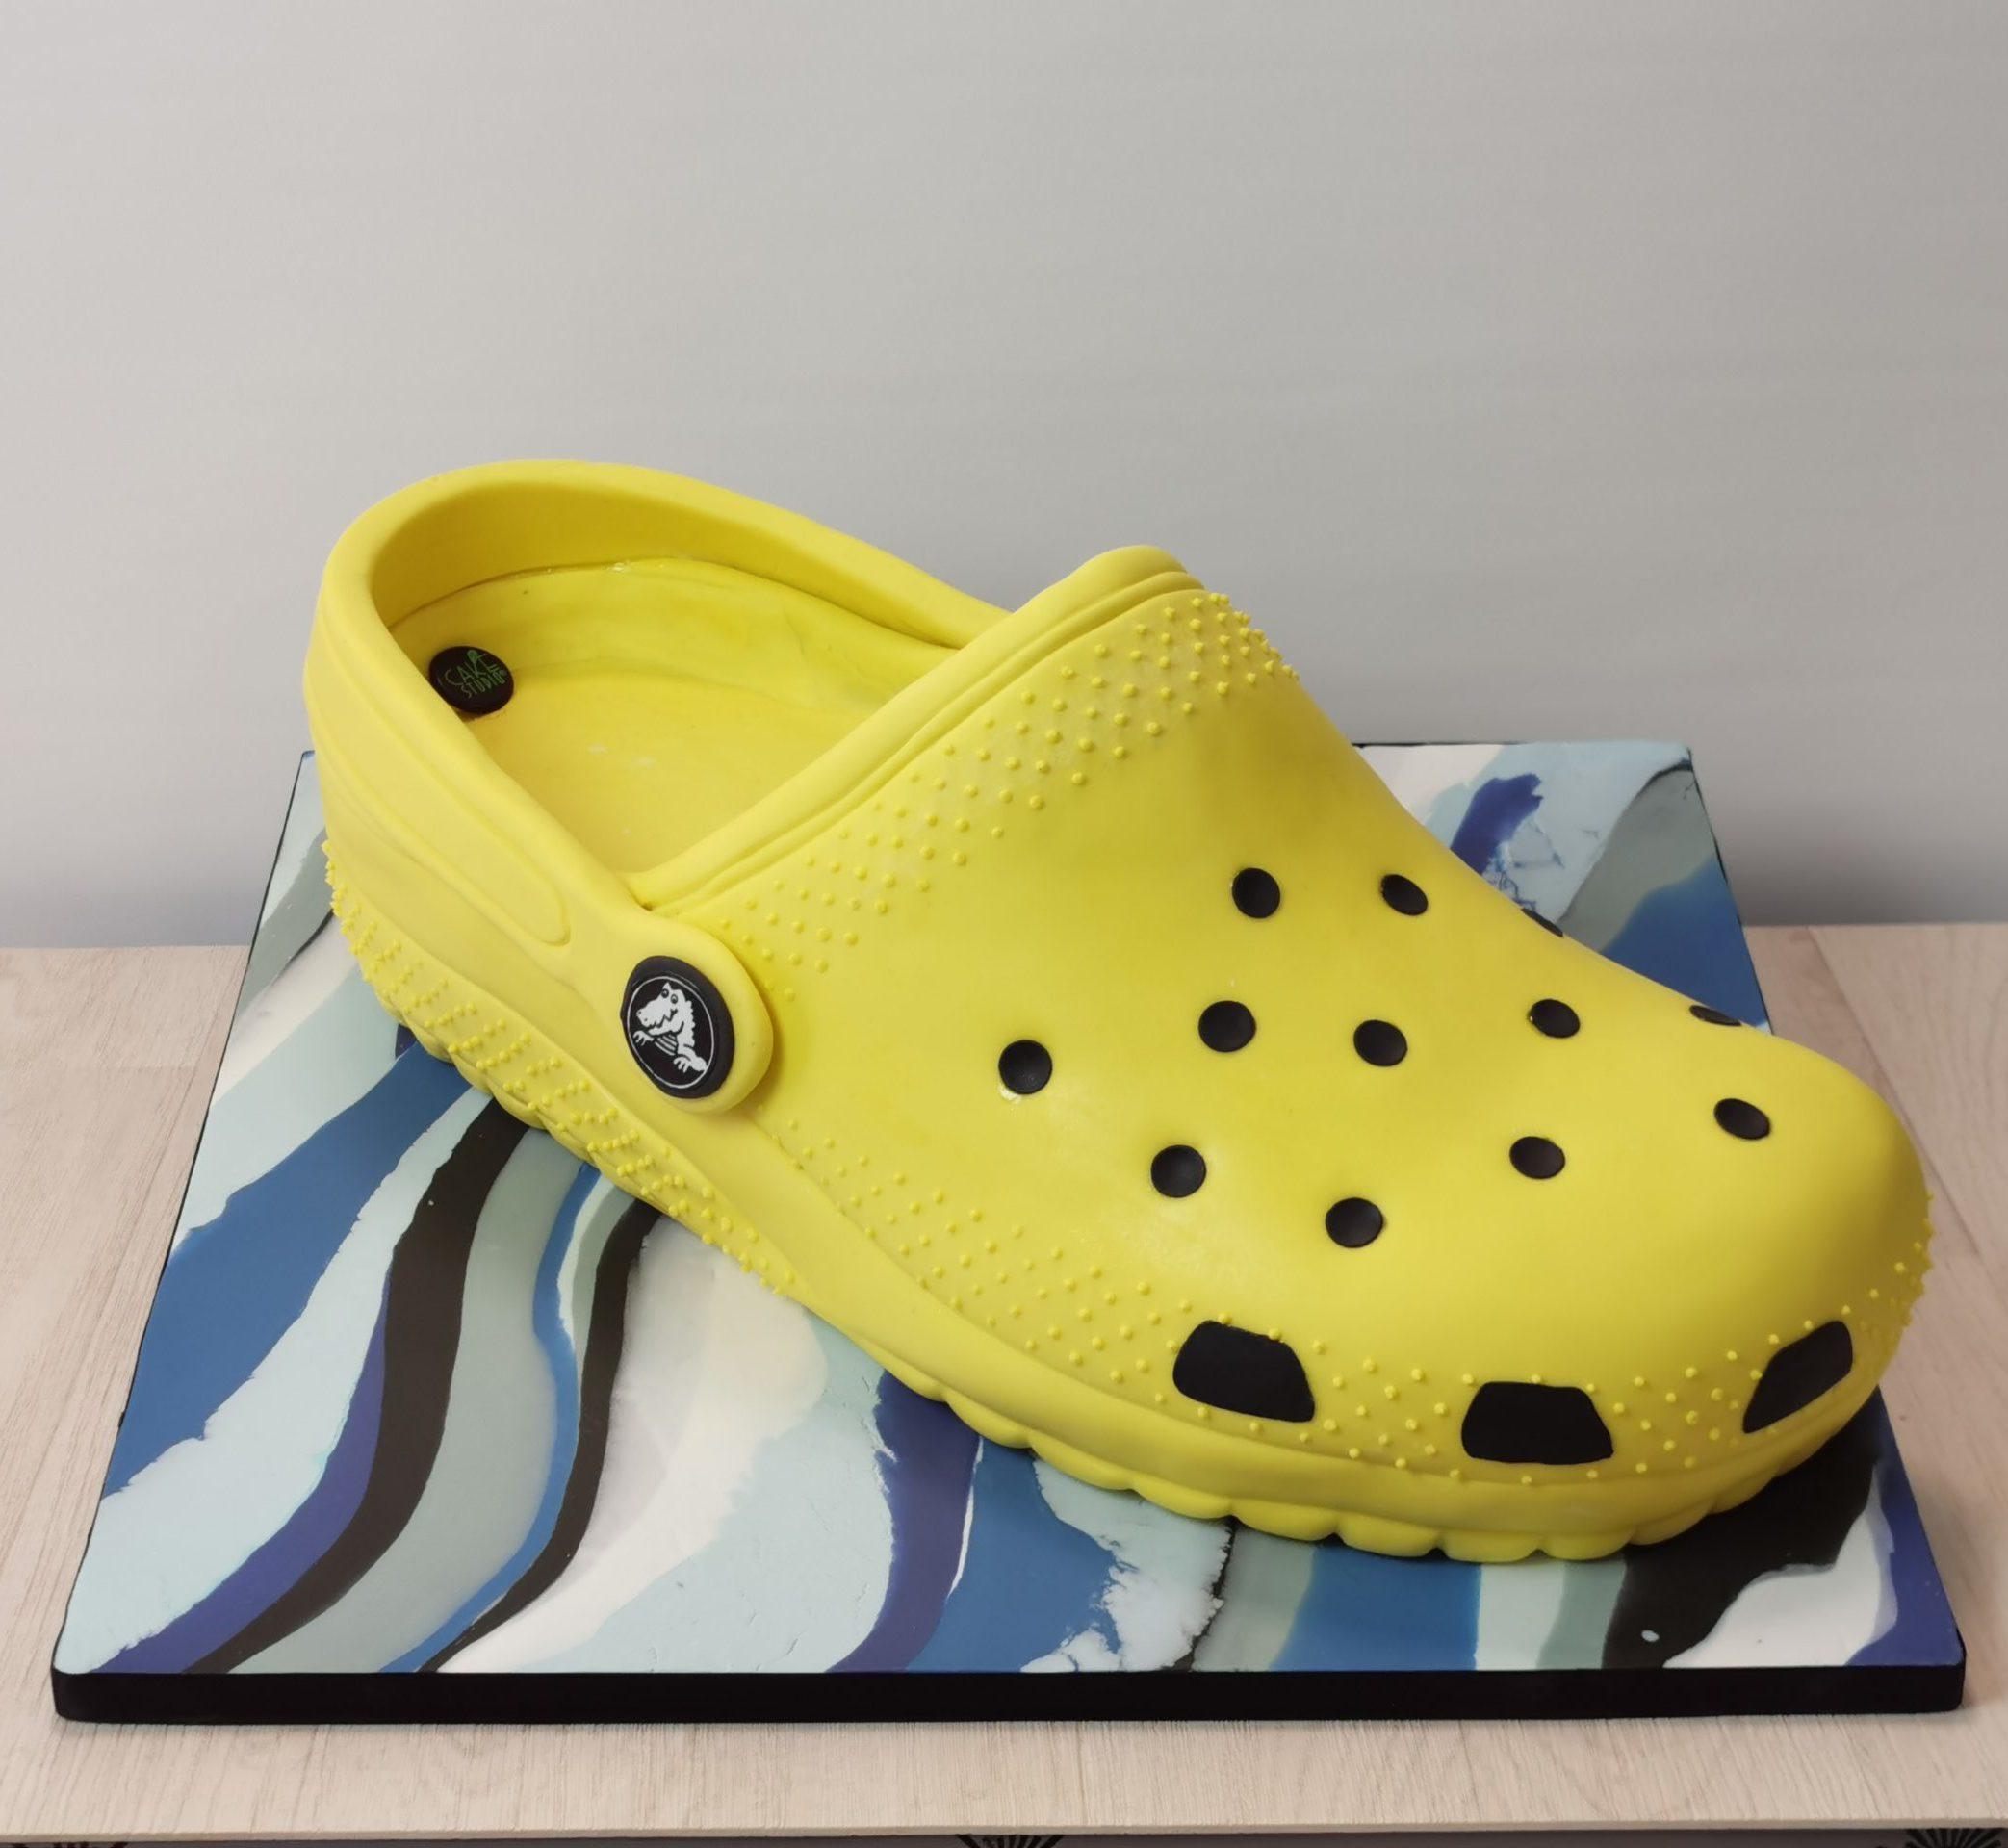 torta a forma di zoccolo crocs per evento aziendale